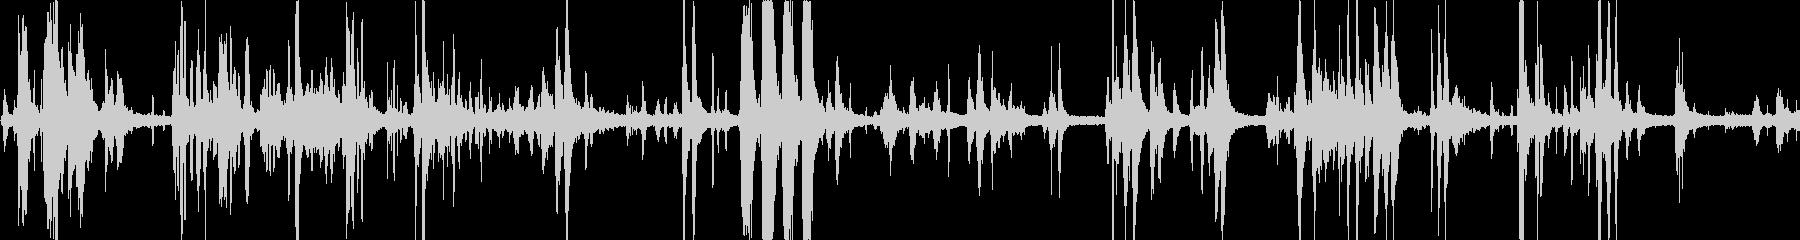 鳥の鳴き声(ピーピー・ピヨピヨ)の未再生の波形